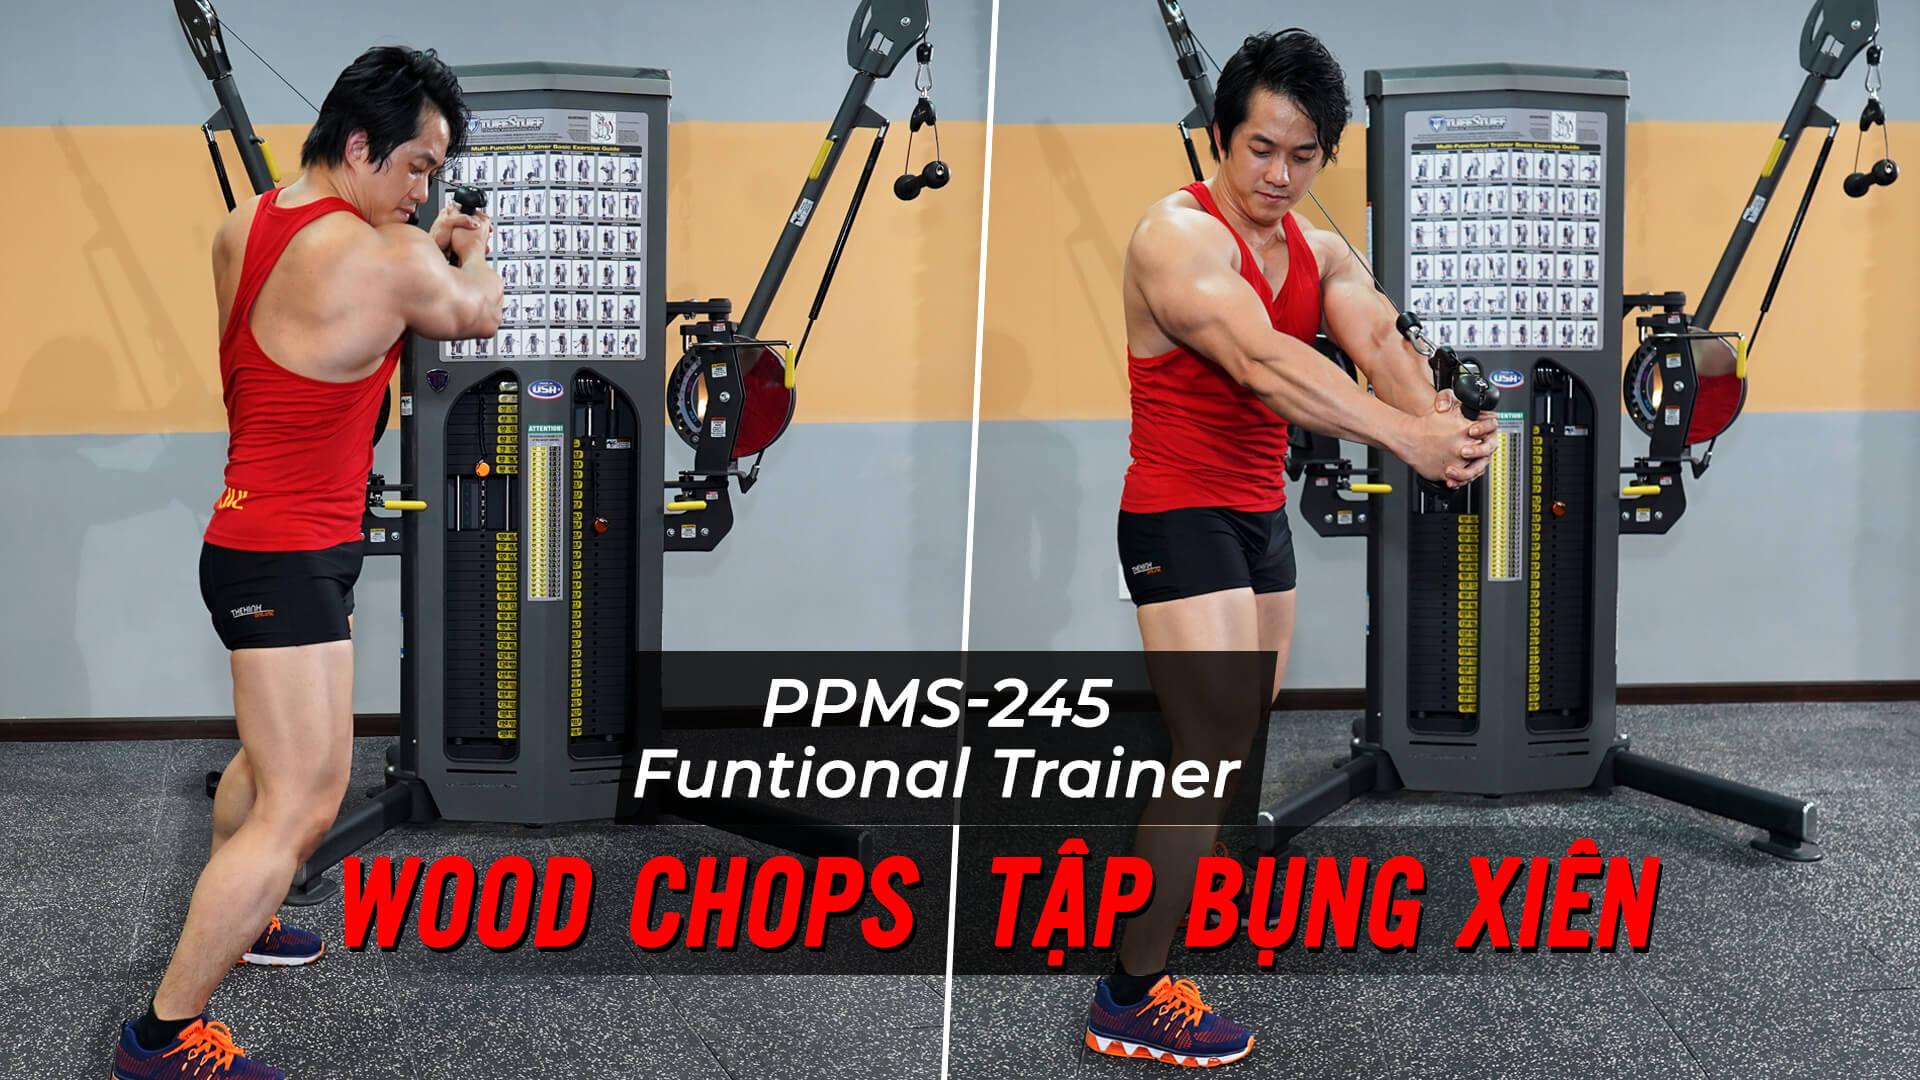 Wood Chops - Cách tập bụng xiên sexy với Functional Trainer (PPMS-245)